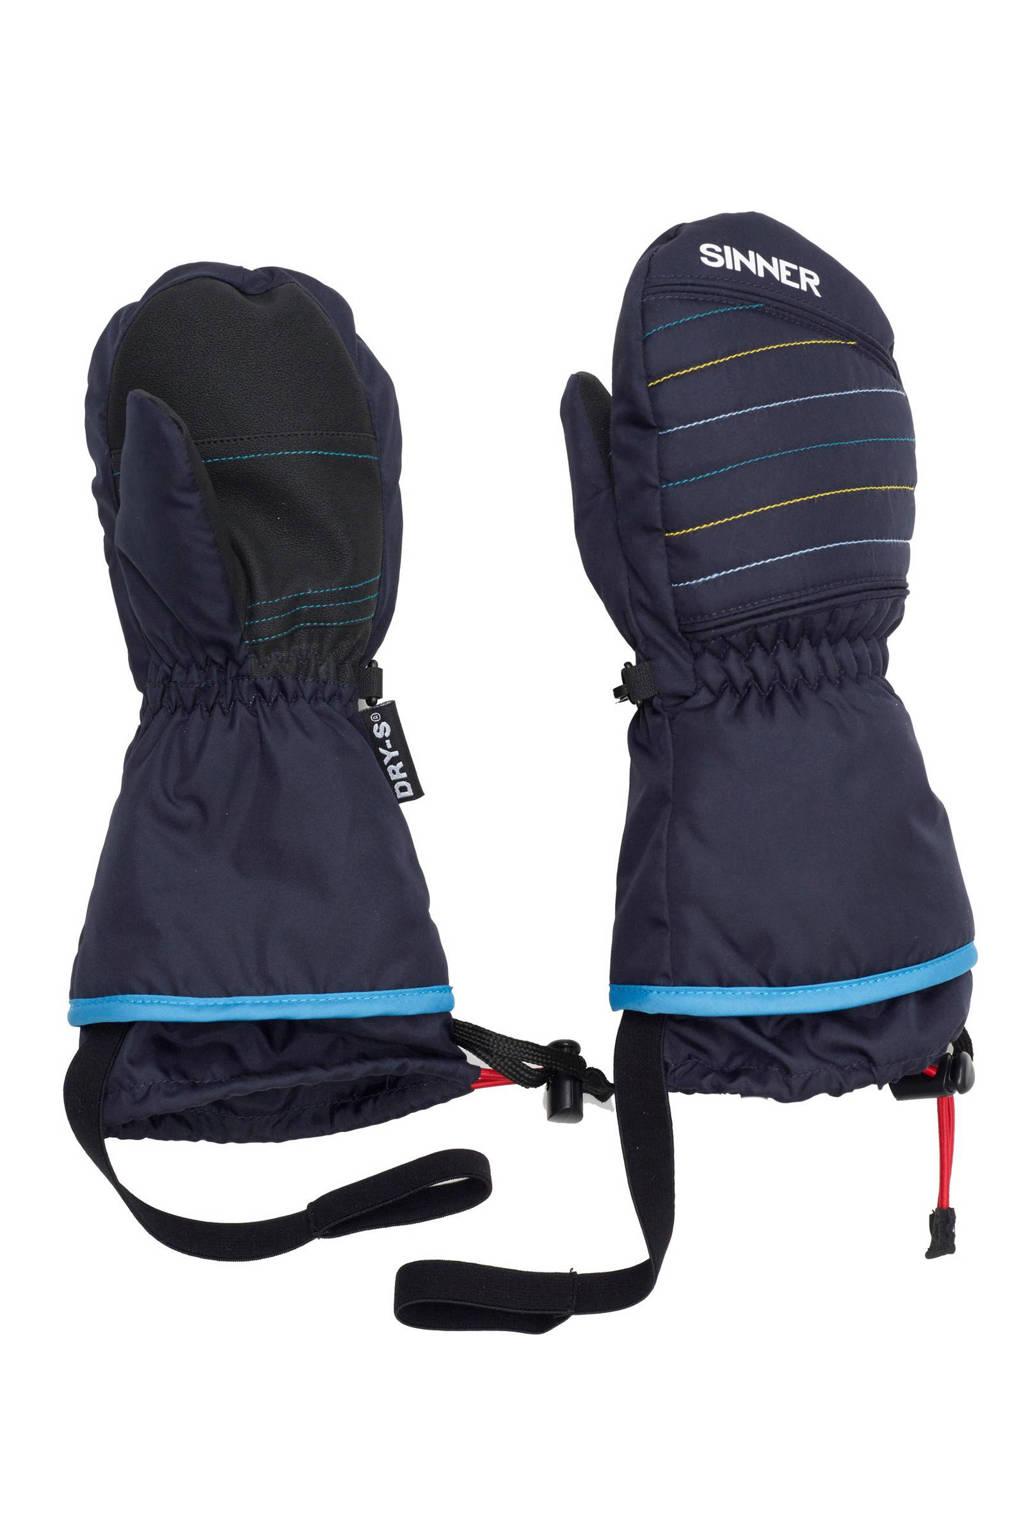 Sinner skihandschoenen Stratton Mitten Junior, Donkerblauw/blauw